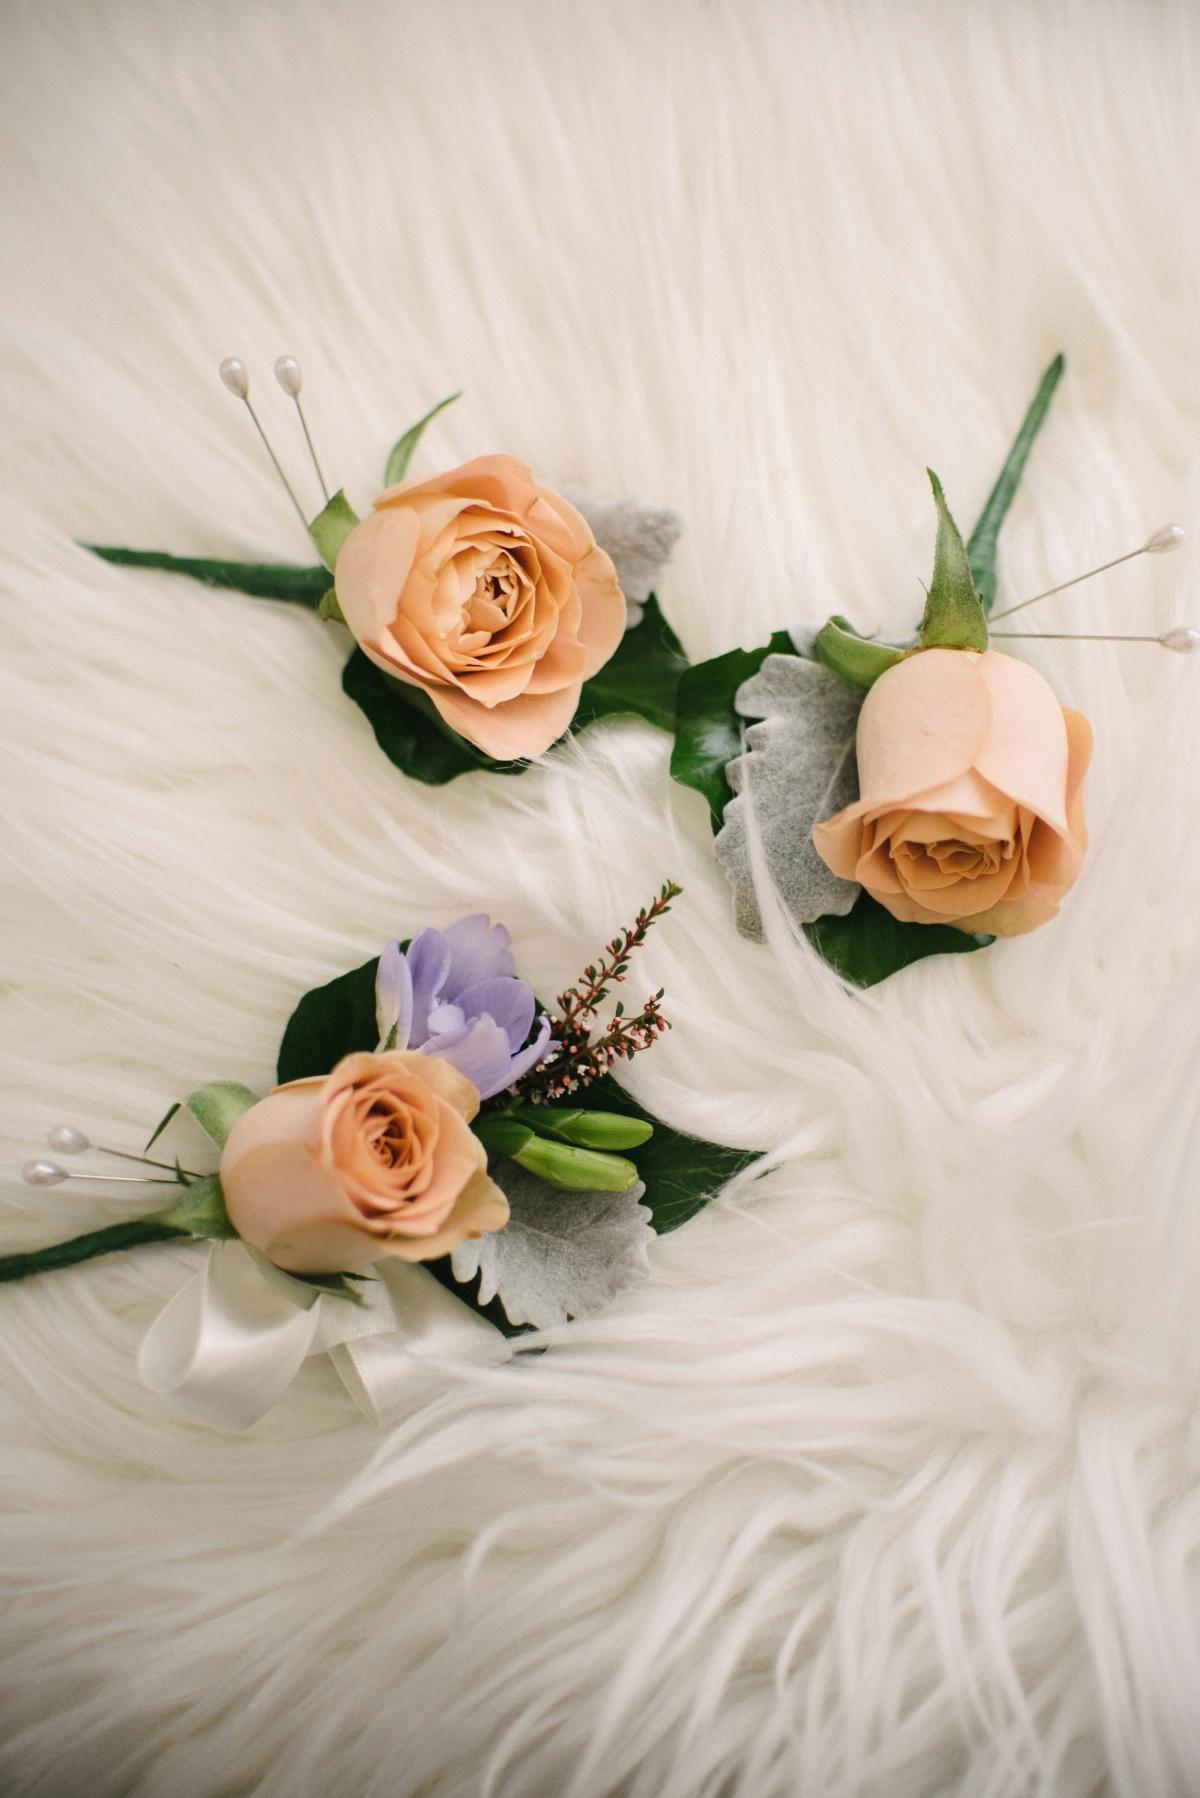 Honeymoon rose and mauve freesia